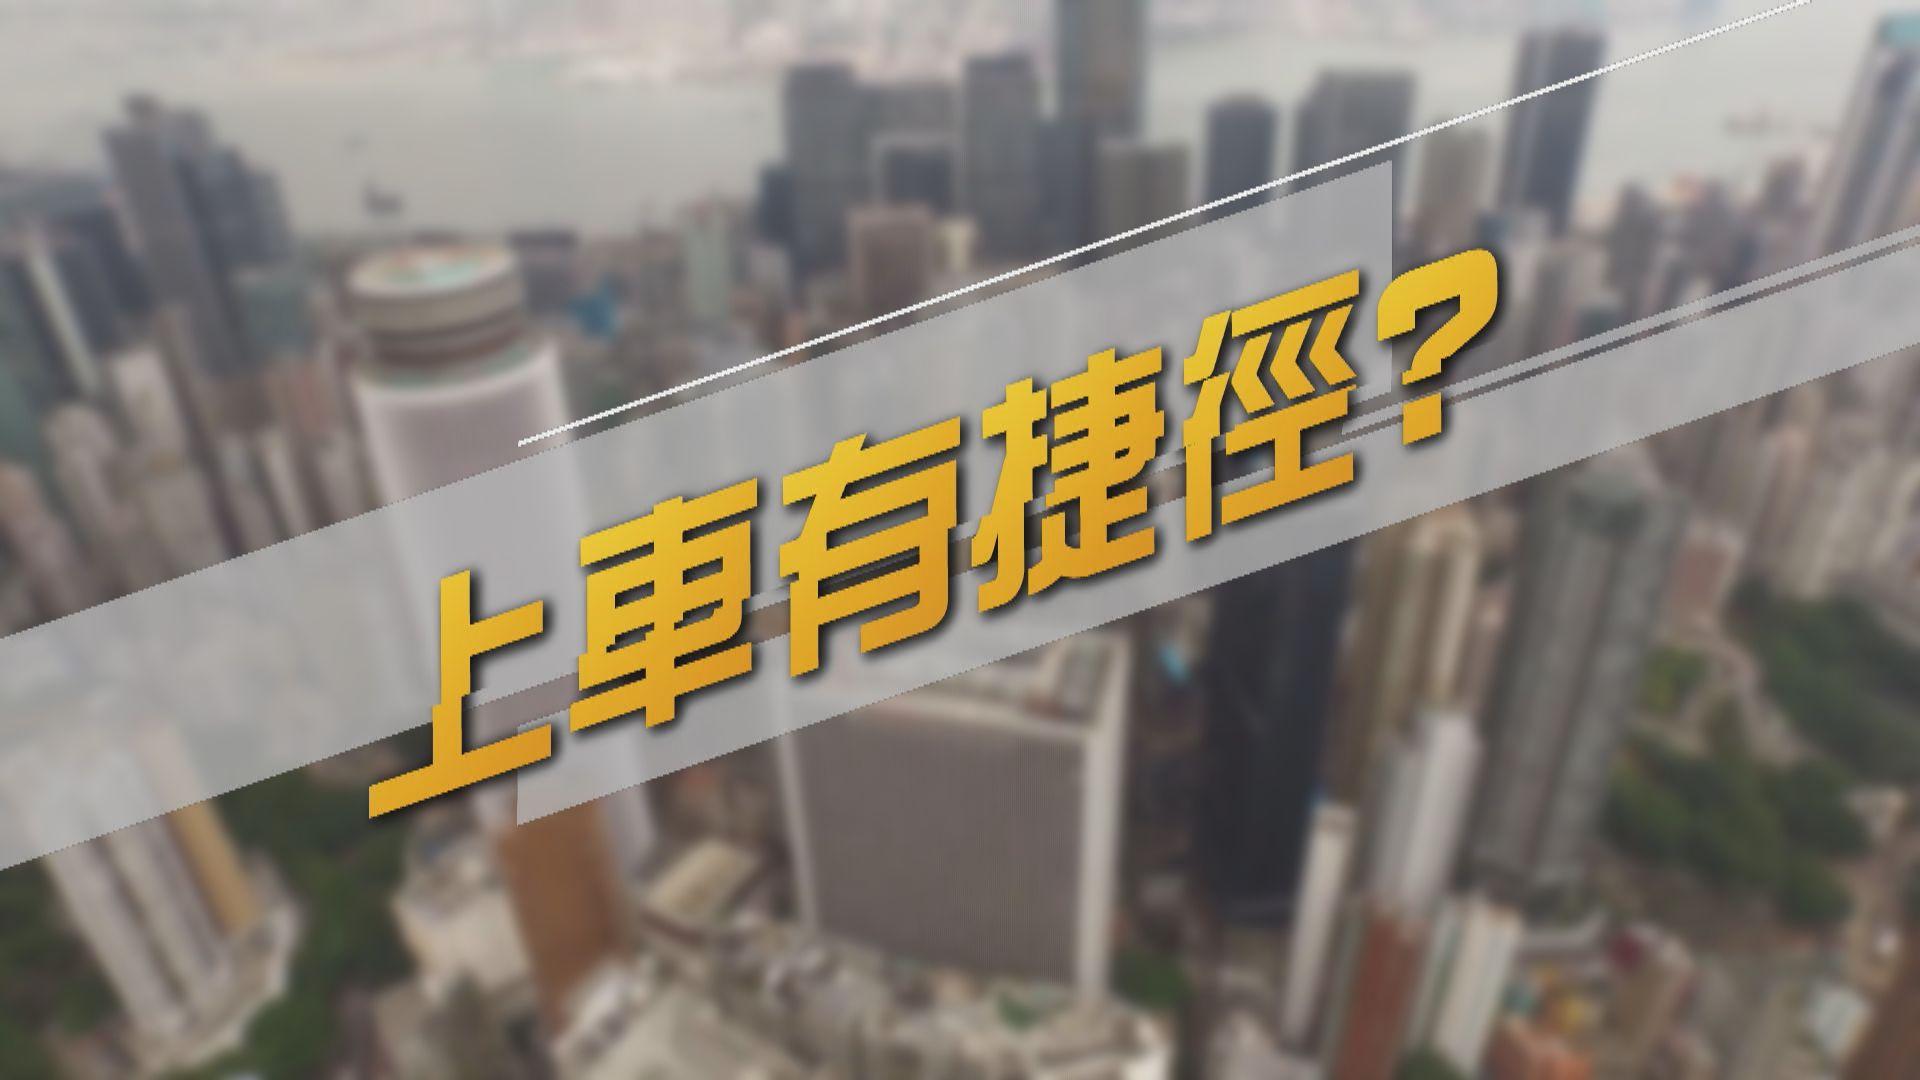 【新聞智庫】港府放寬按揭成數遭批評 其他國家上車有捷徑?